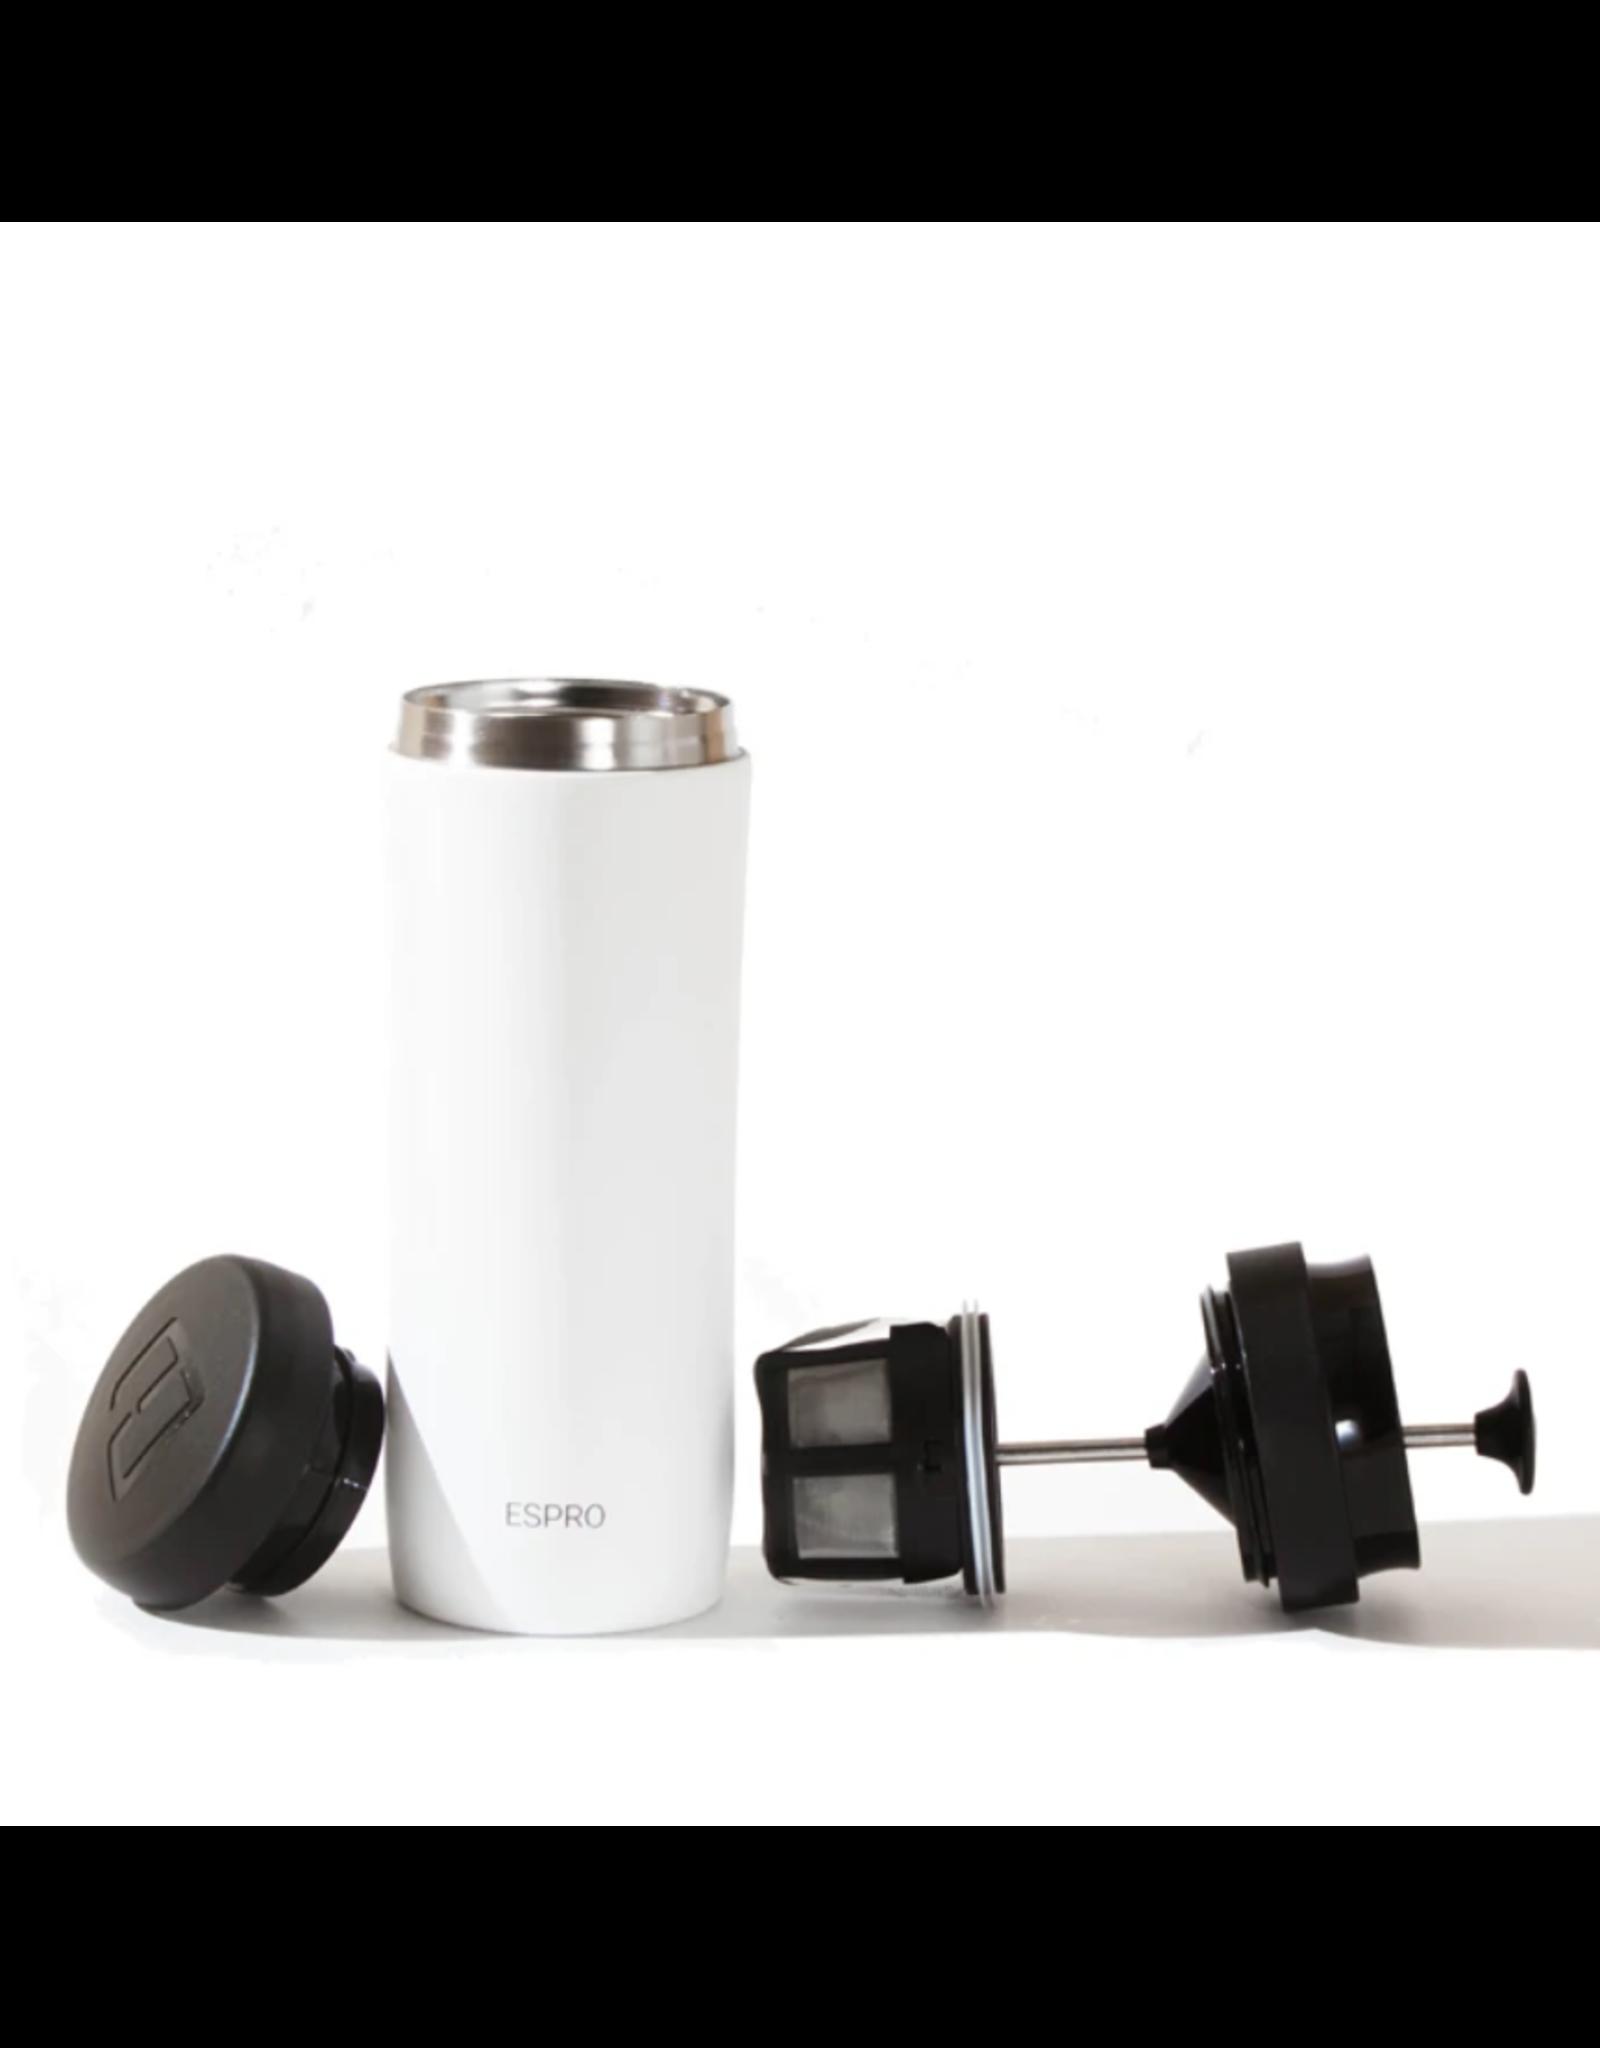 Espro Espro Travel Press Coffee - Chalk White